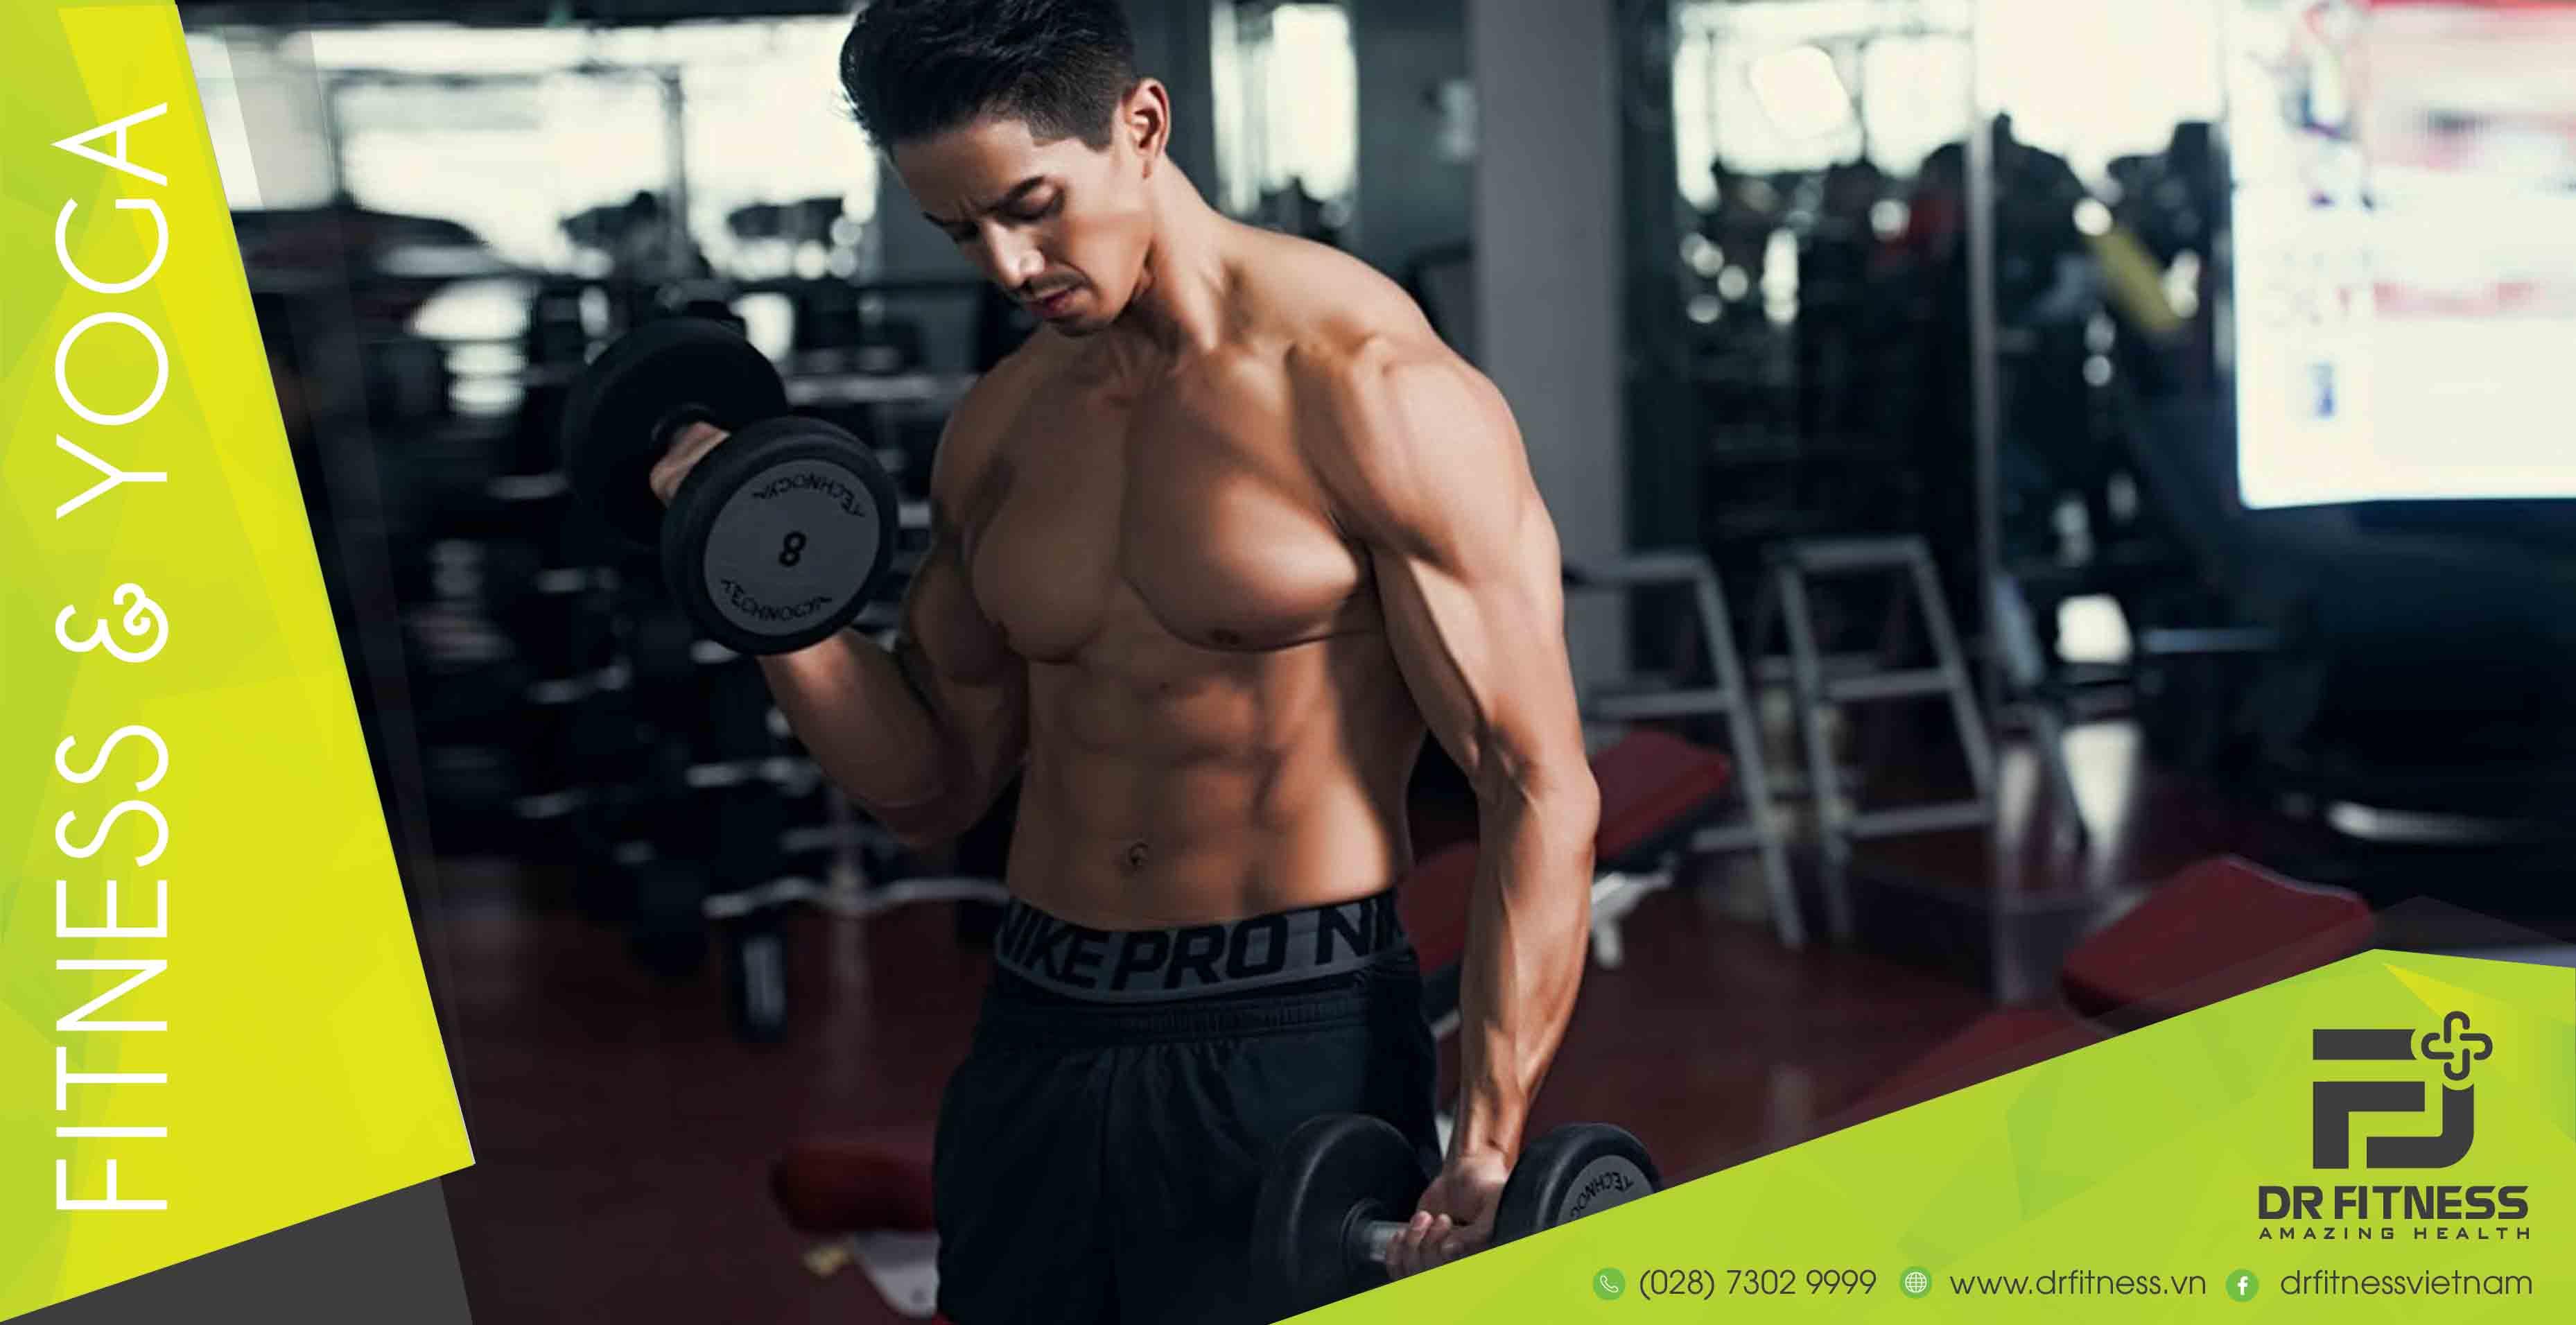 Cách Tạo Và Nuôi Dưỡng Động Lực Để Tập Gym Mỗi Ngày